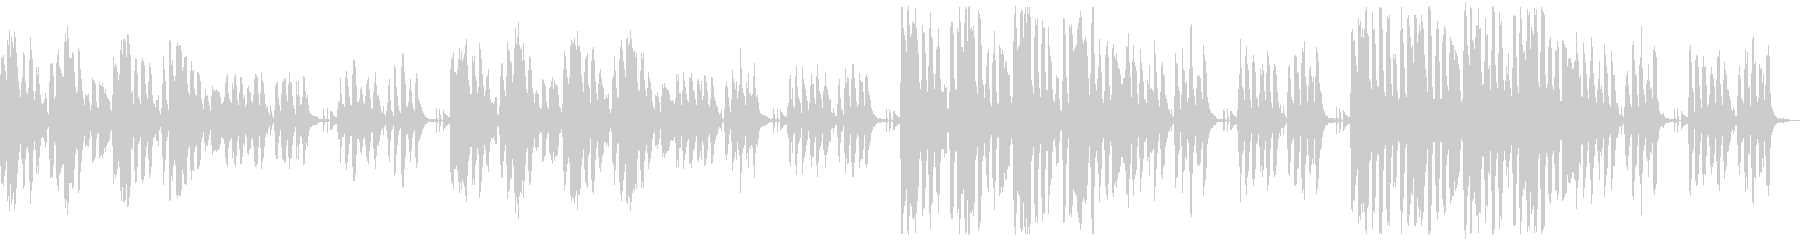 かわいくコミカルなリコーダーのループ曲の未再生の波形